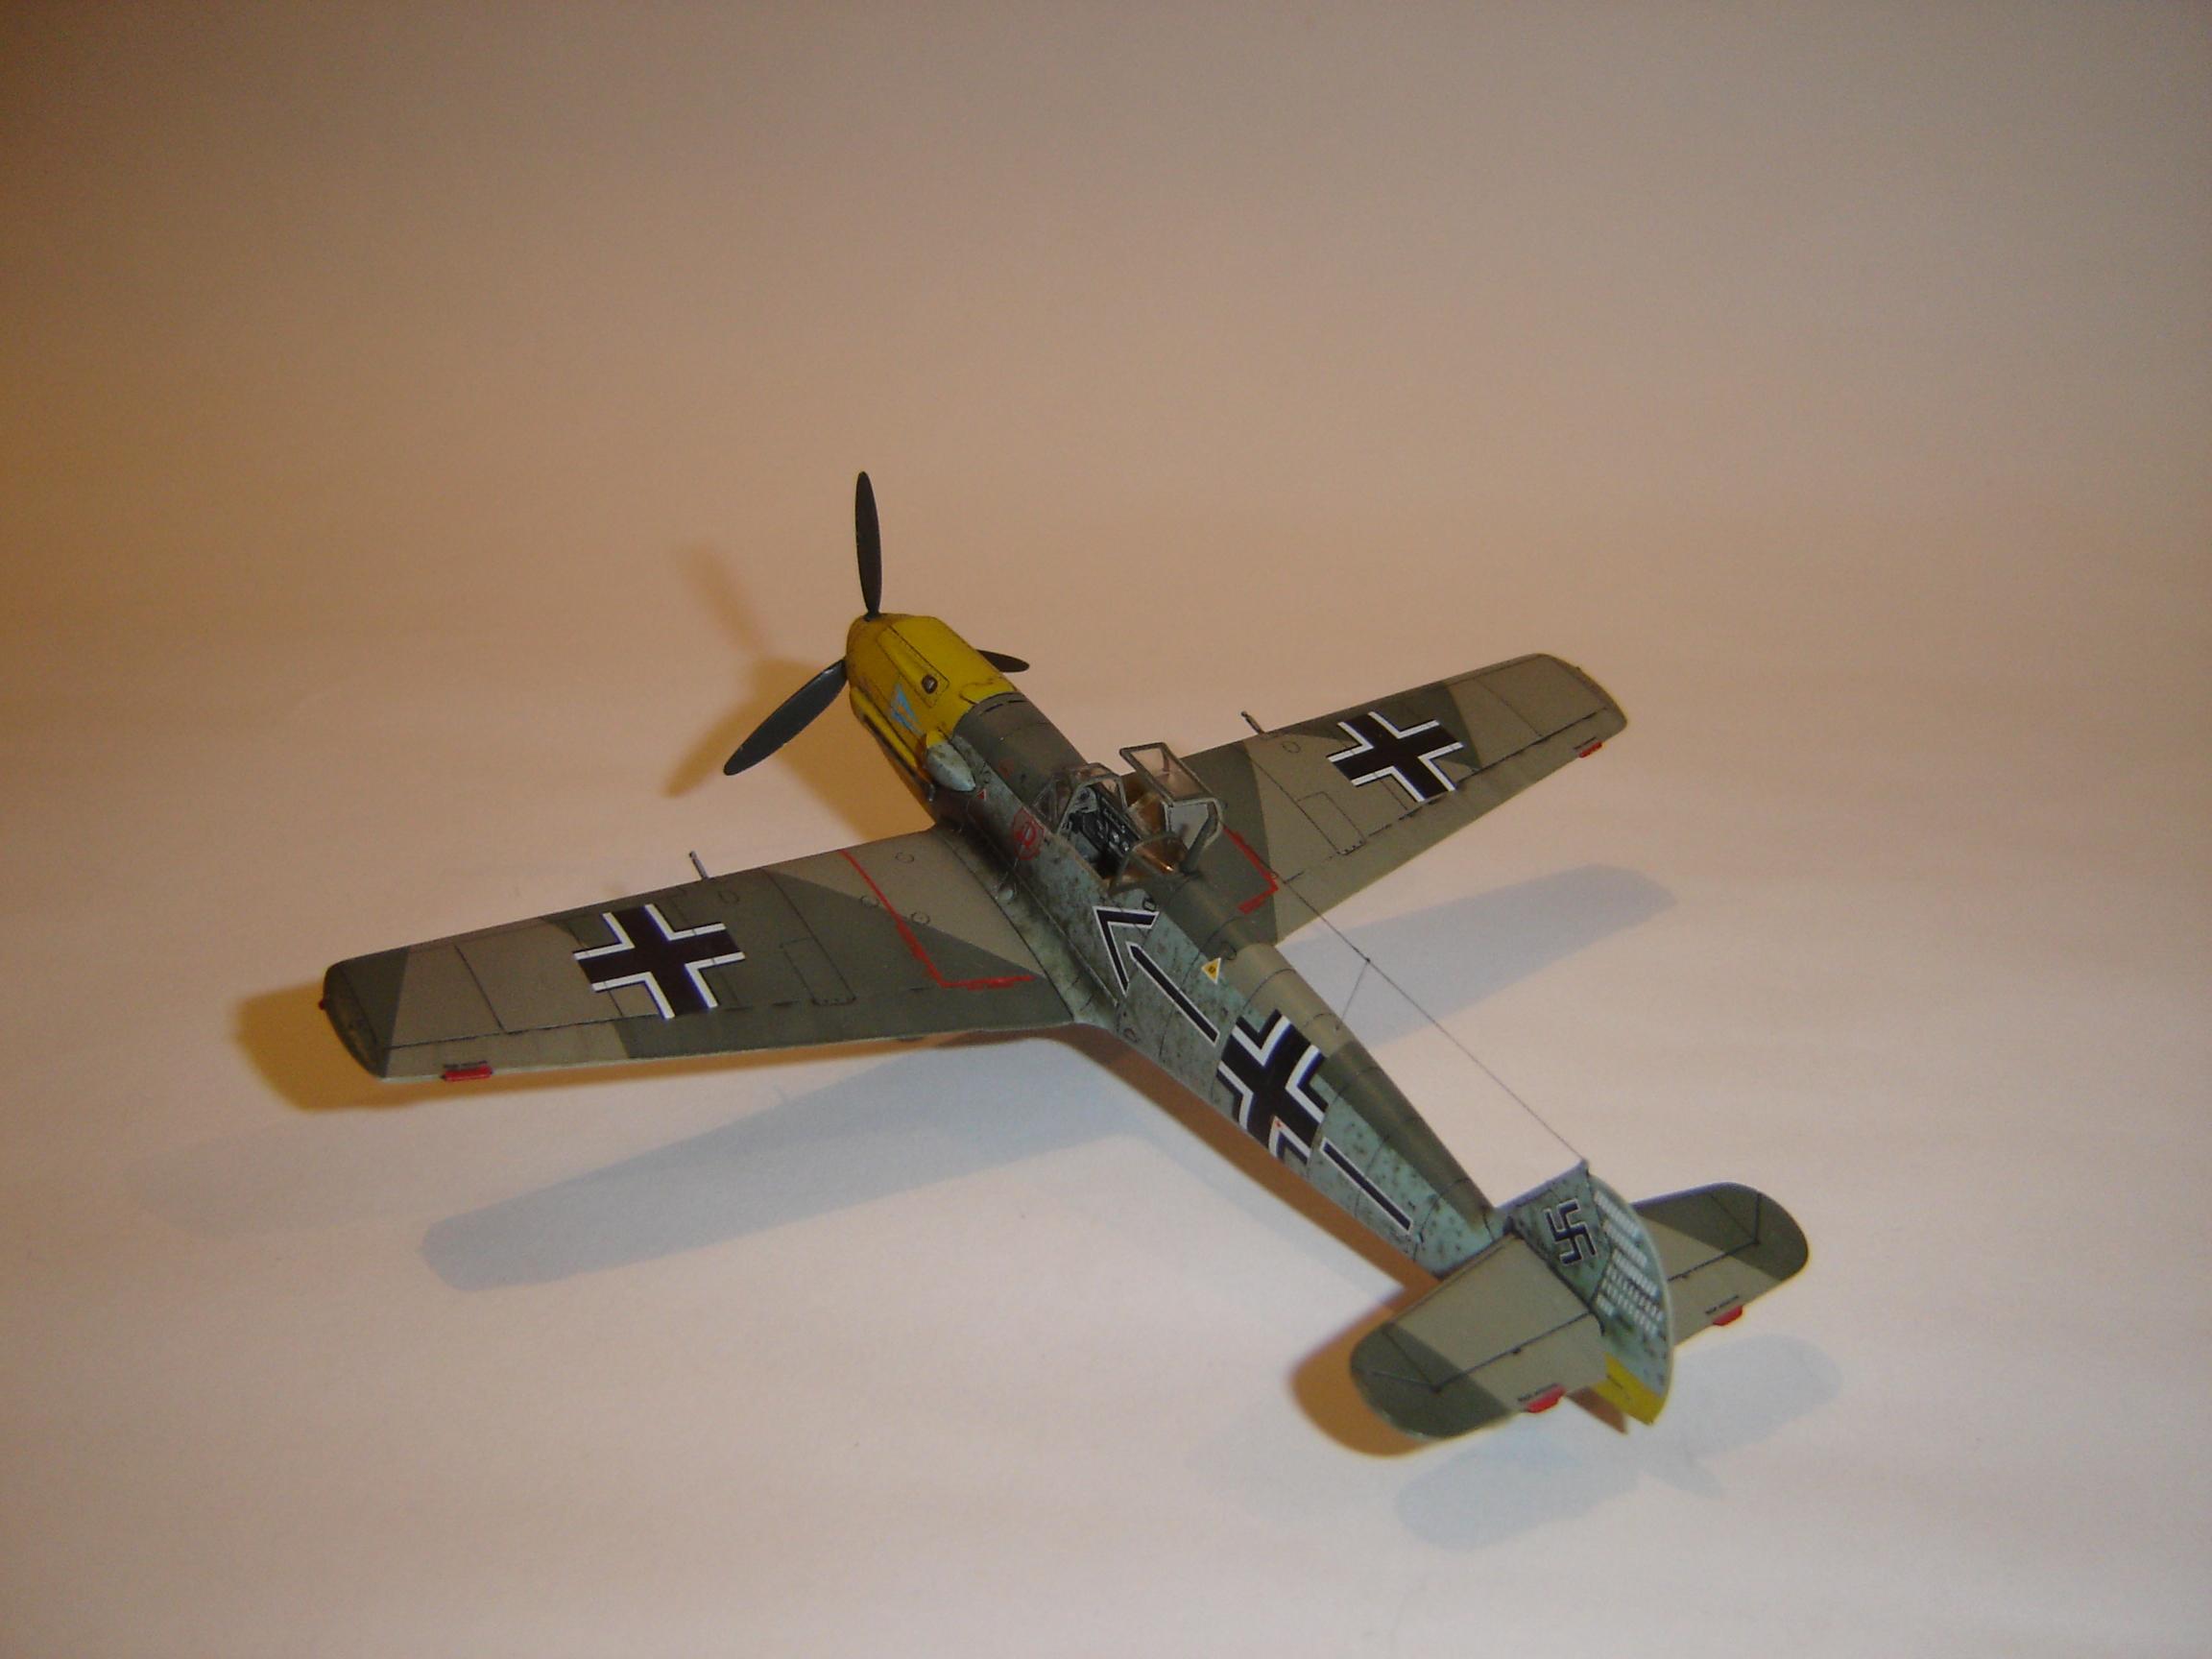 Meshersmitt BF 109 E-4 (4)